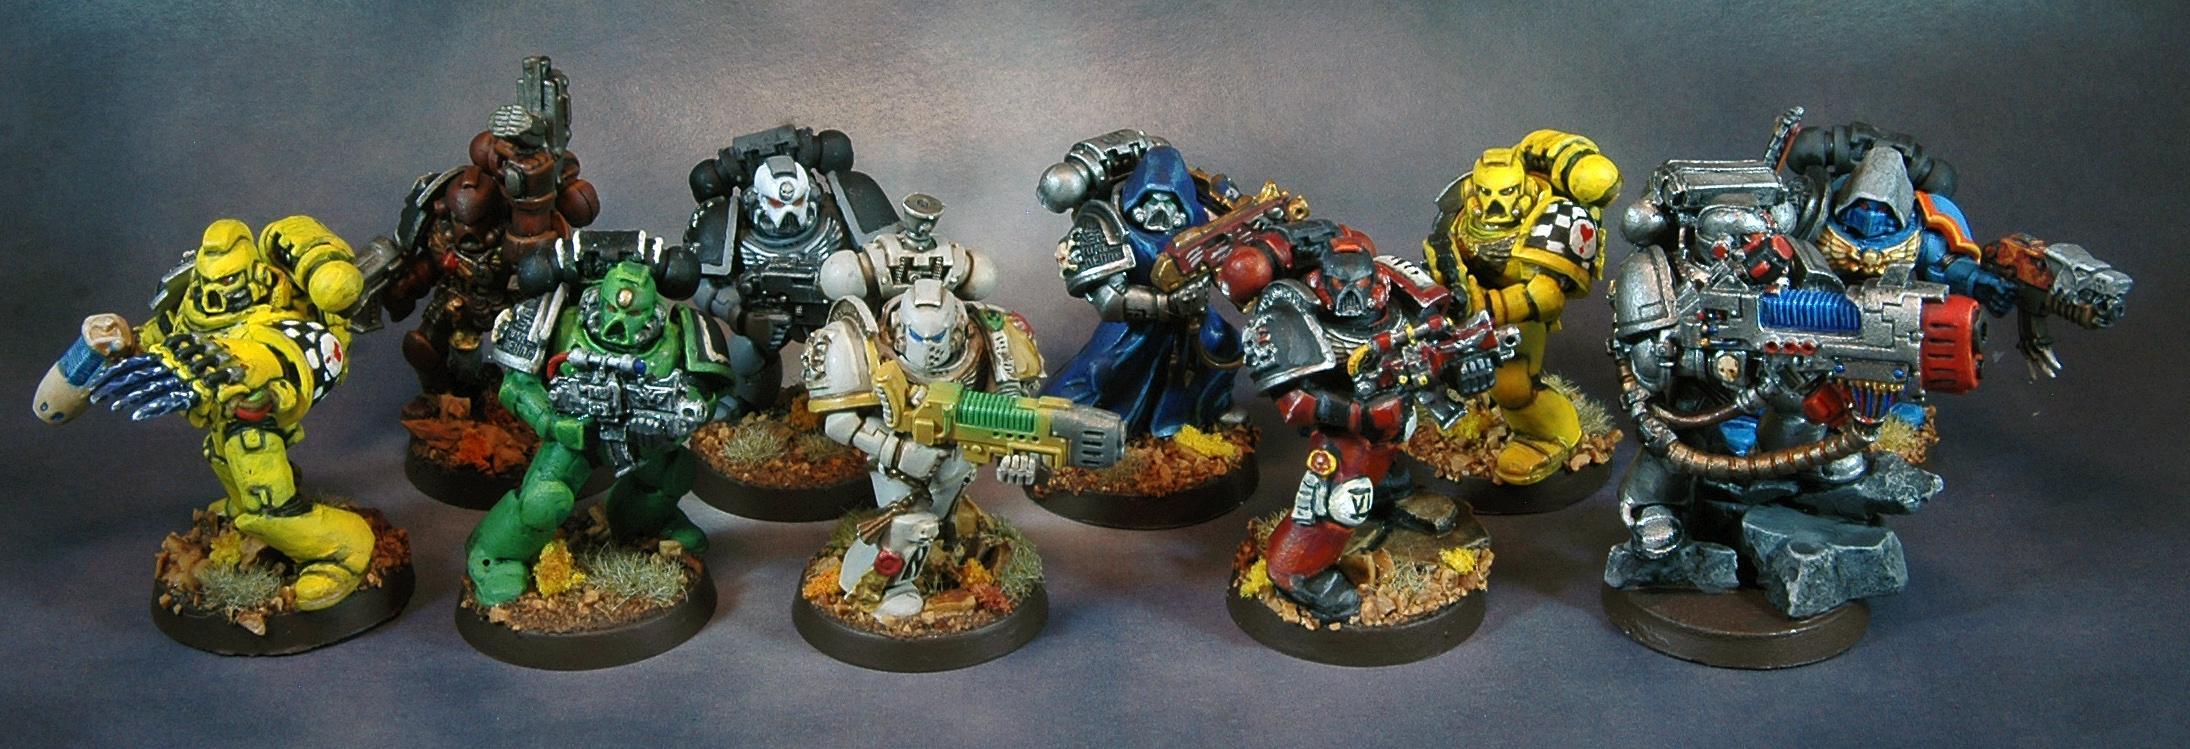 Deathwatch, Great Marine Swap, Space Marines, Warhammer 40,000